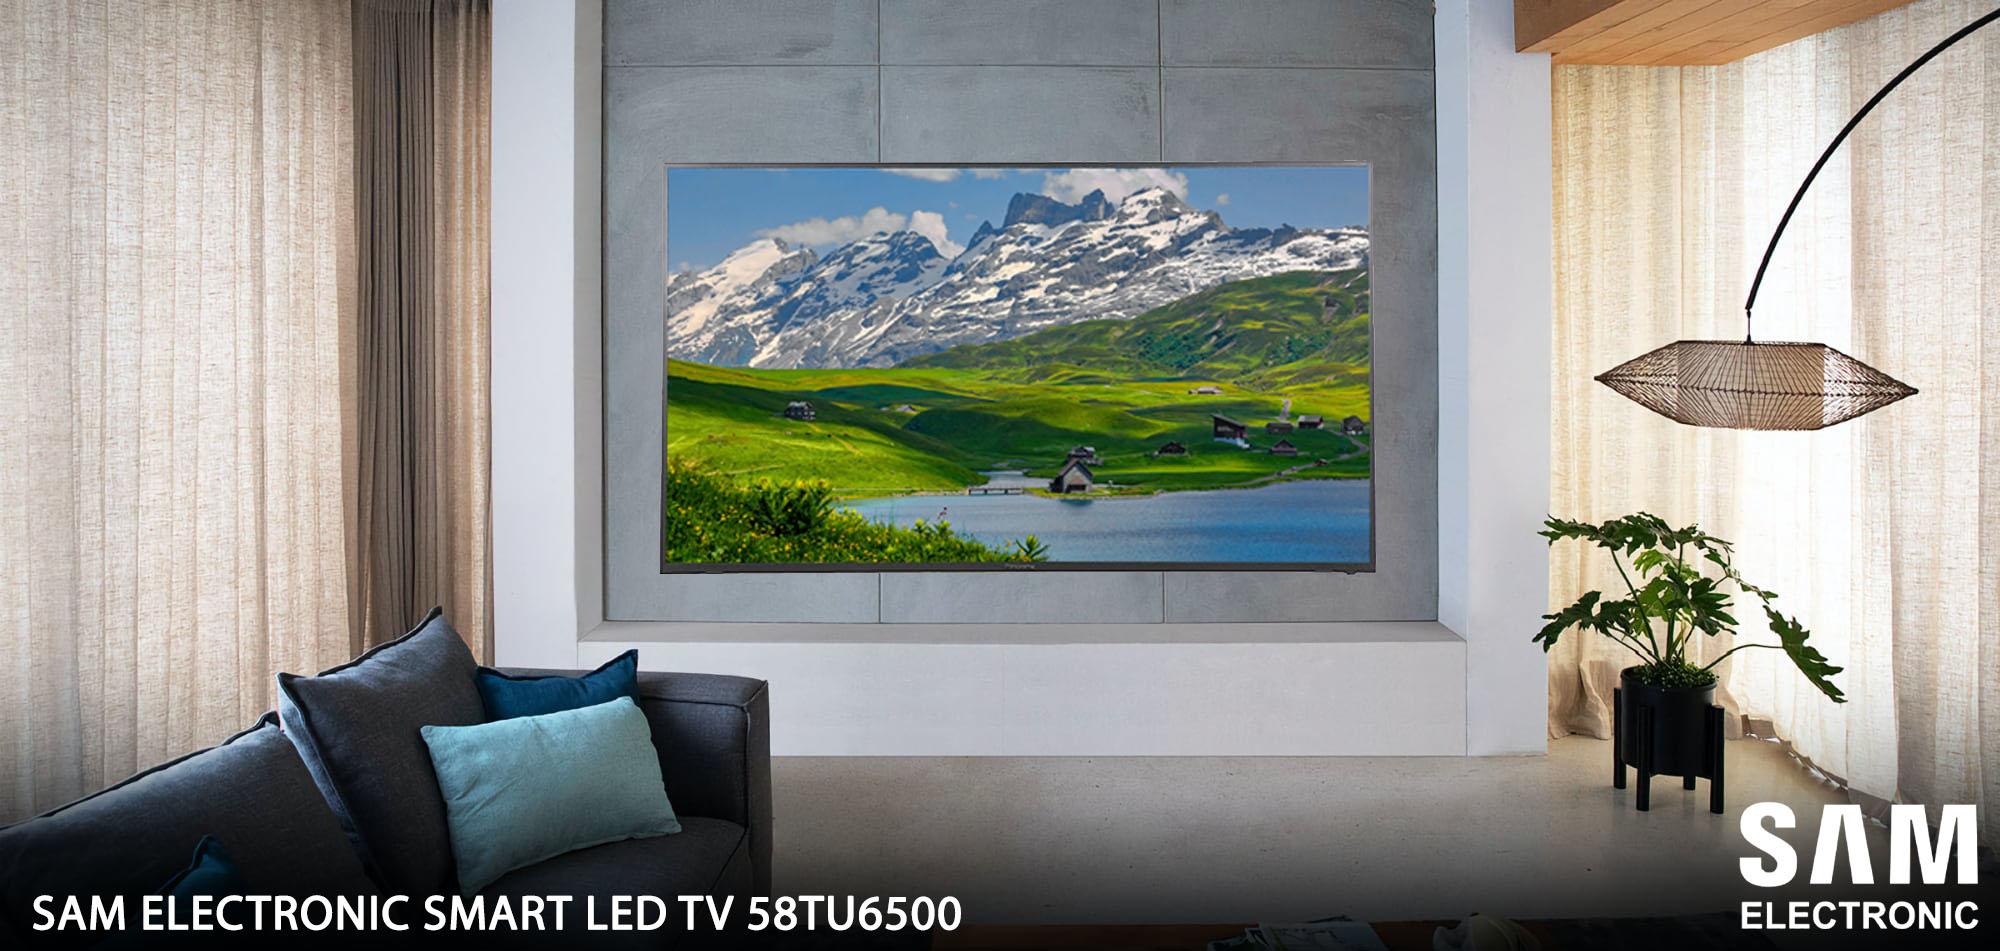 مشخصات تلویزیون سام الکترونیک مدل 58TU6500